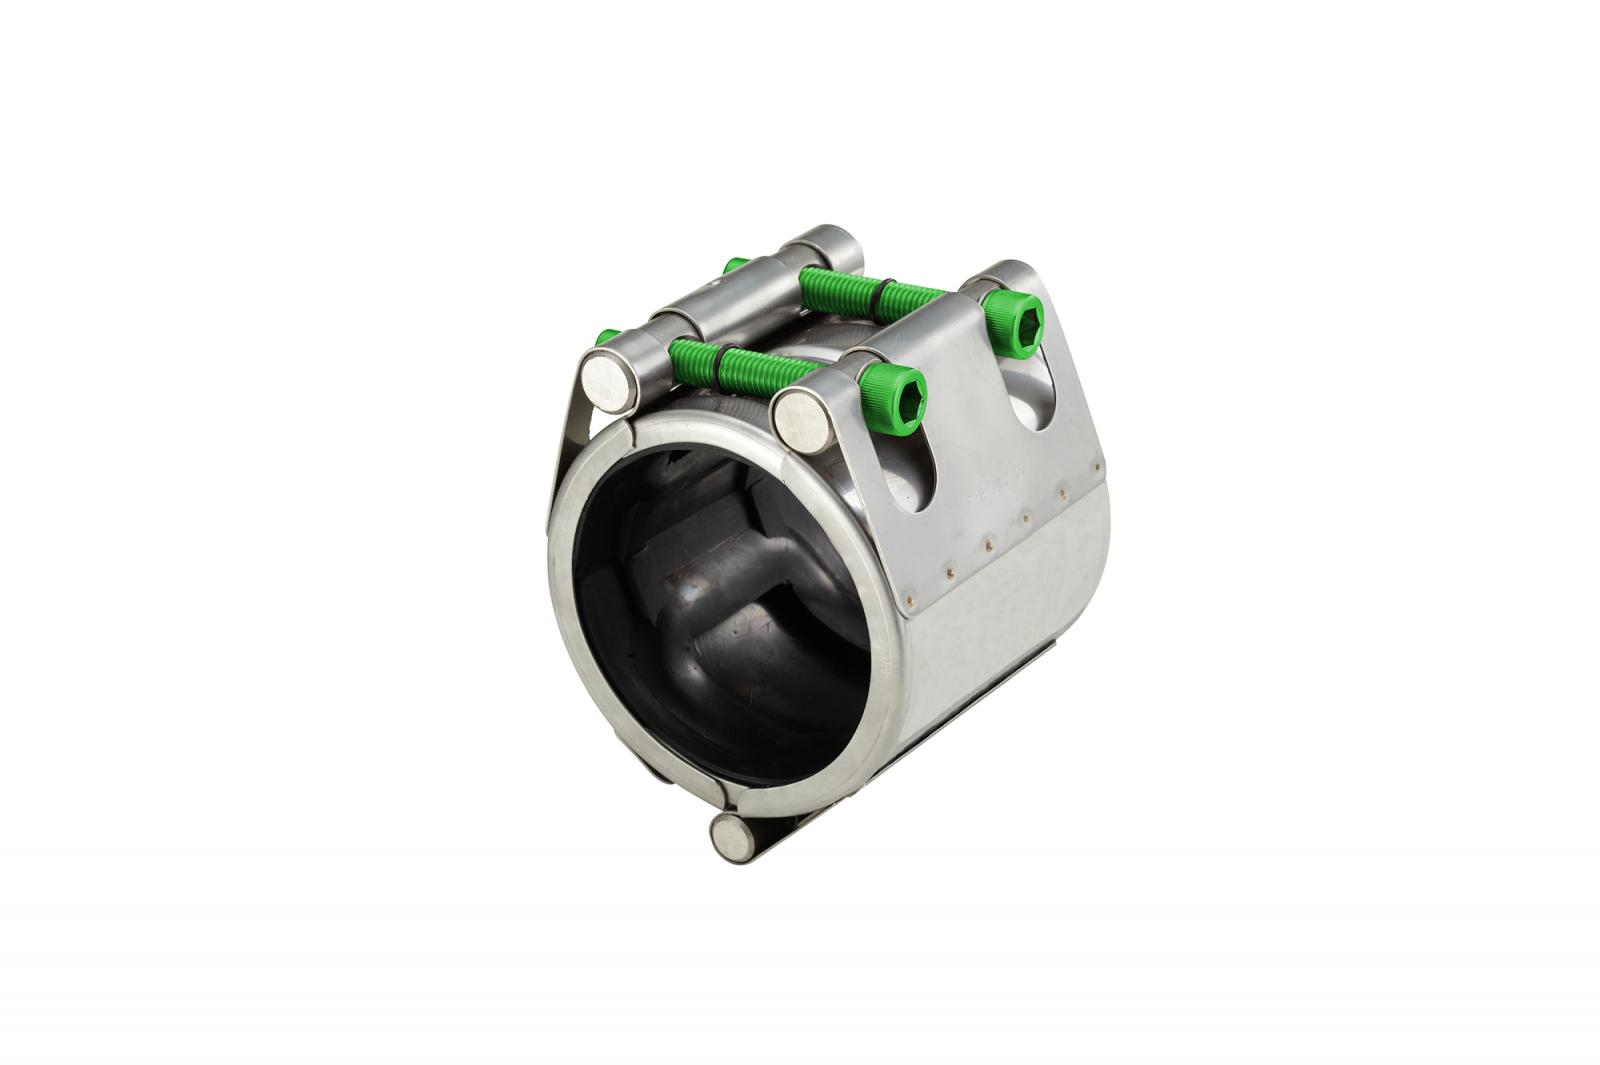 Hinge type repair clamp (RH) | AVK Repico | AVK Rewag